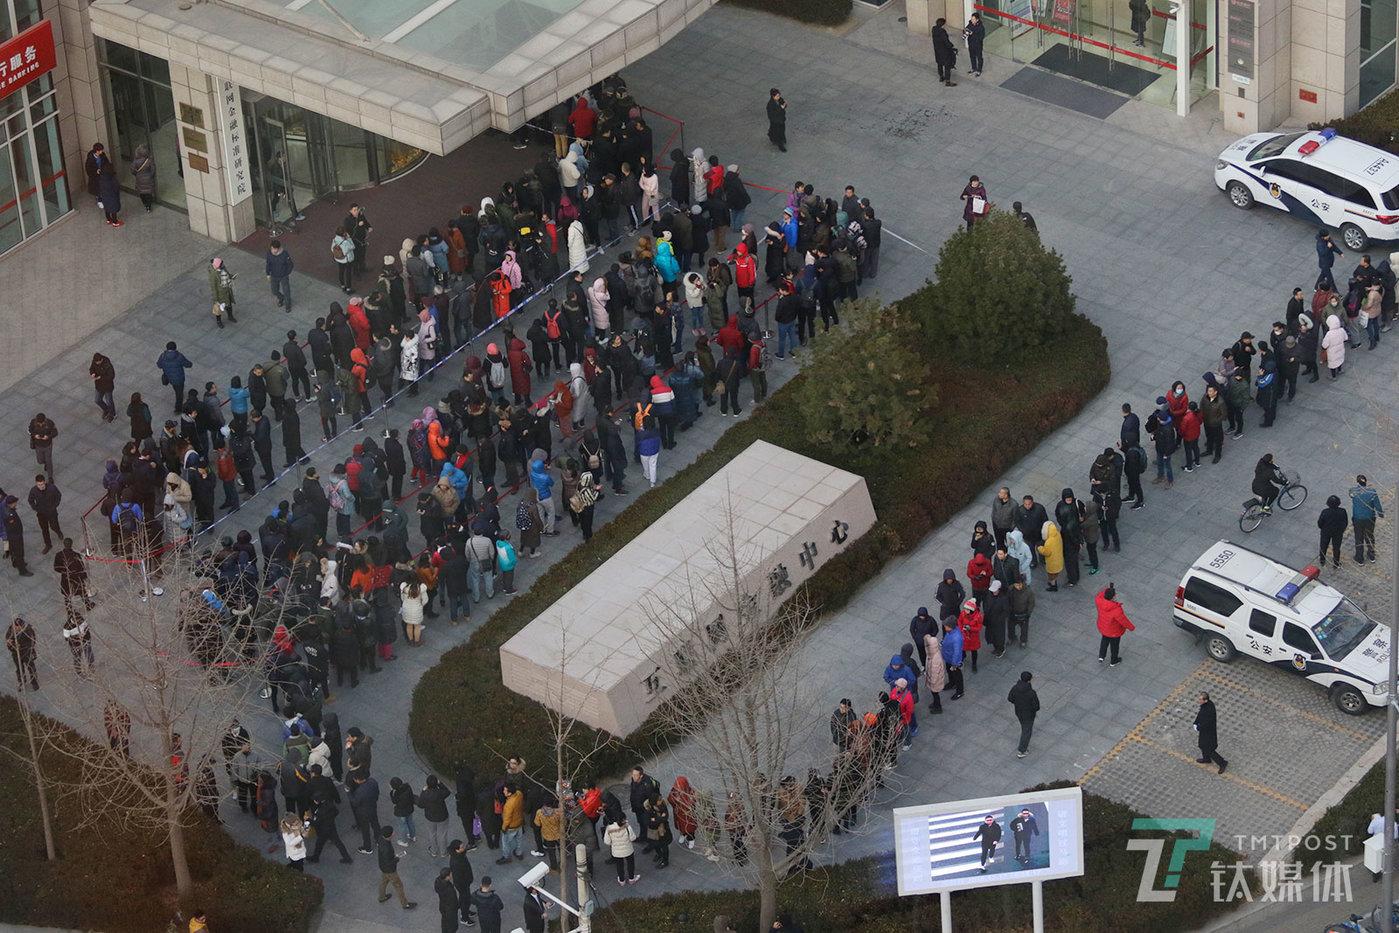 【我的押金】12月17日,北京,小黄车总部所在的金融街互联网金融中心,排队登记退押金的小黄车用户。